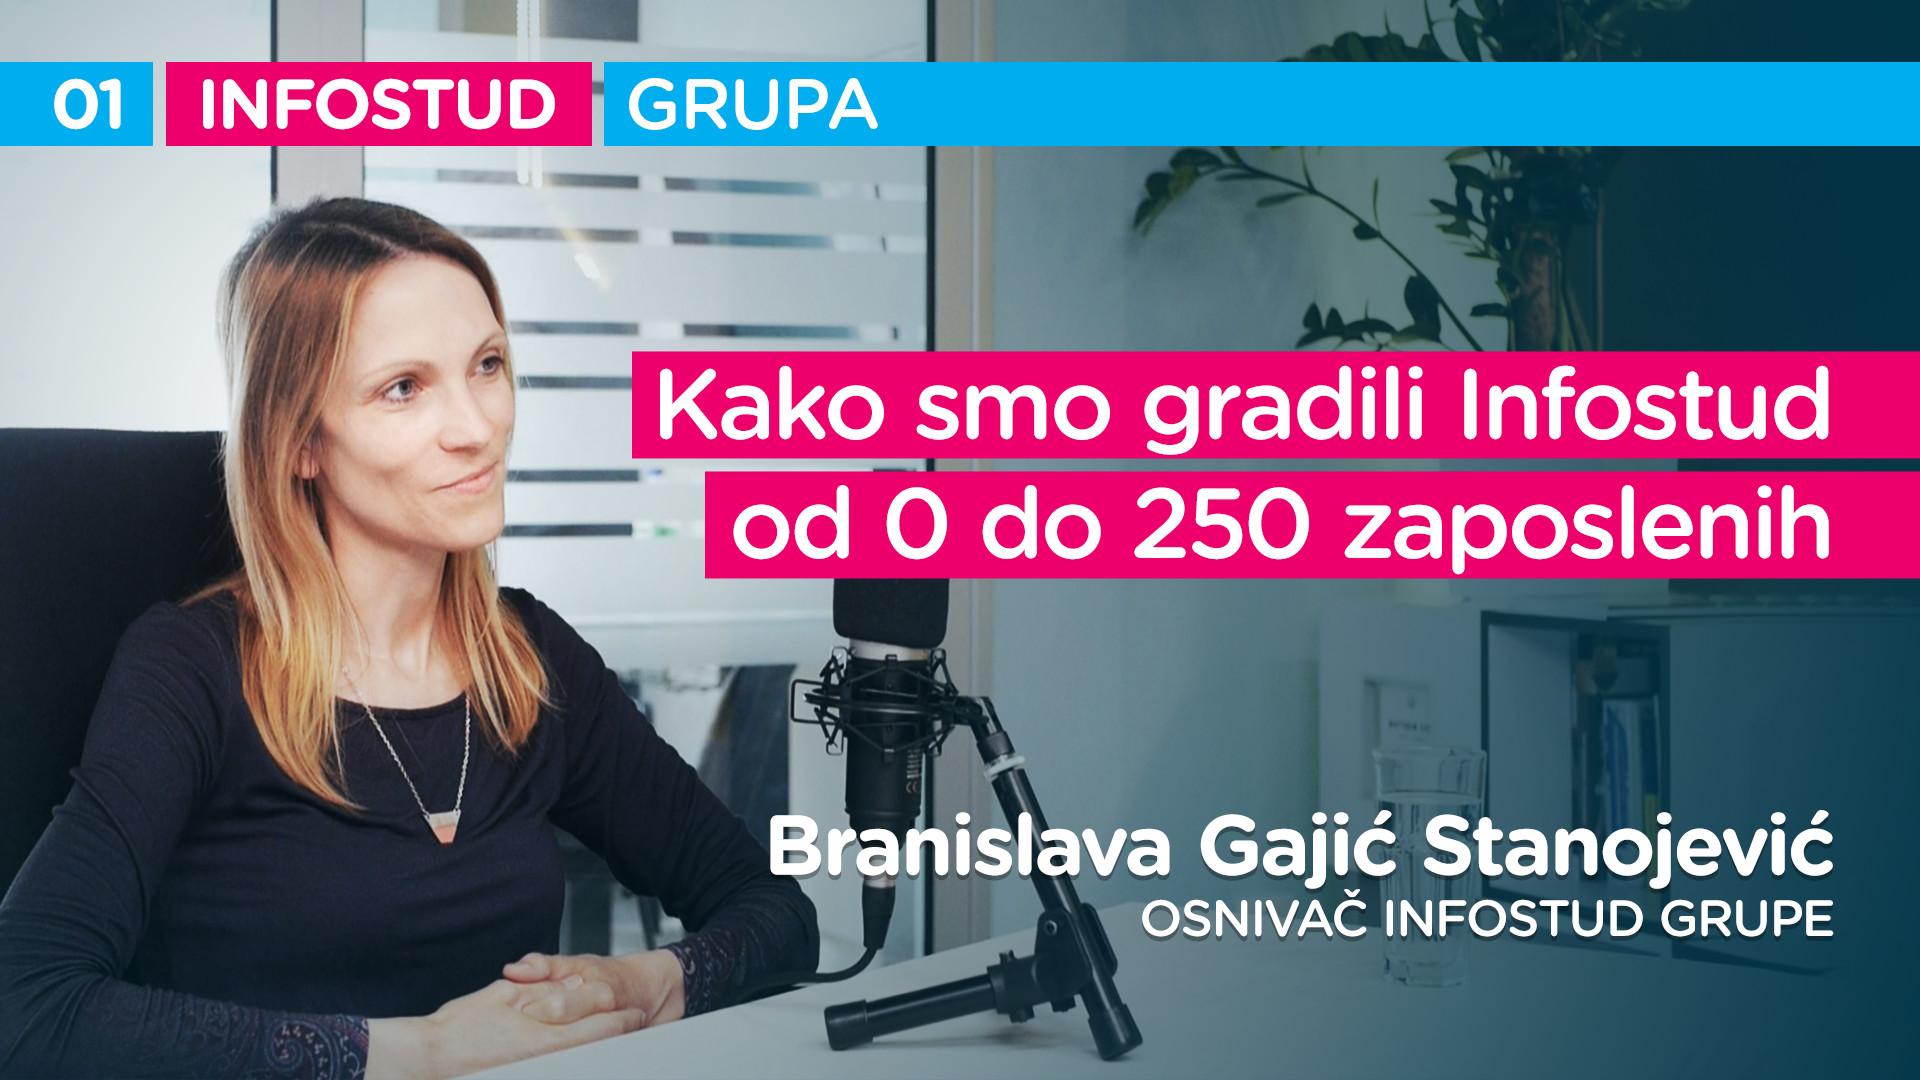 Infostud grupa specijal EP001: Branislava Gajić Stanojević